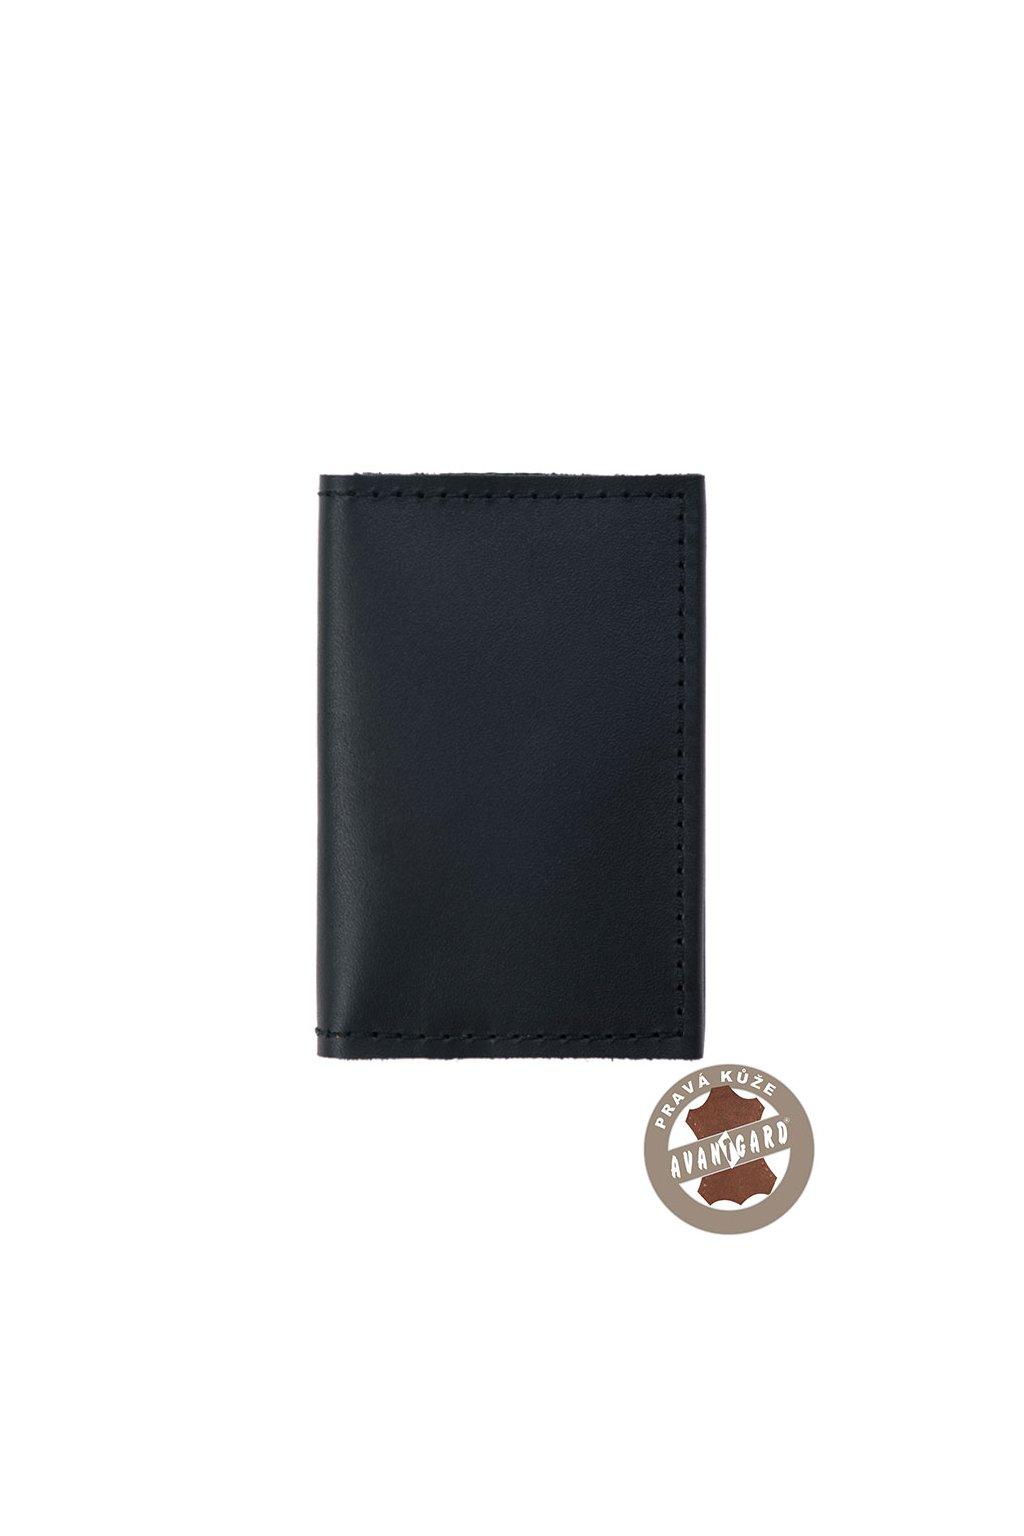 Pouzdro na karty a vizitky černá 804 - 23